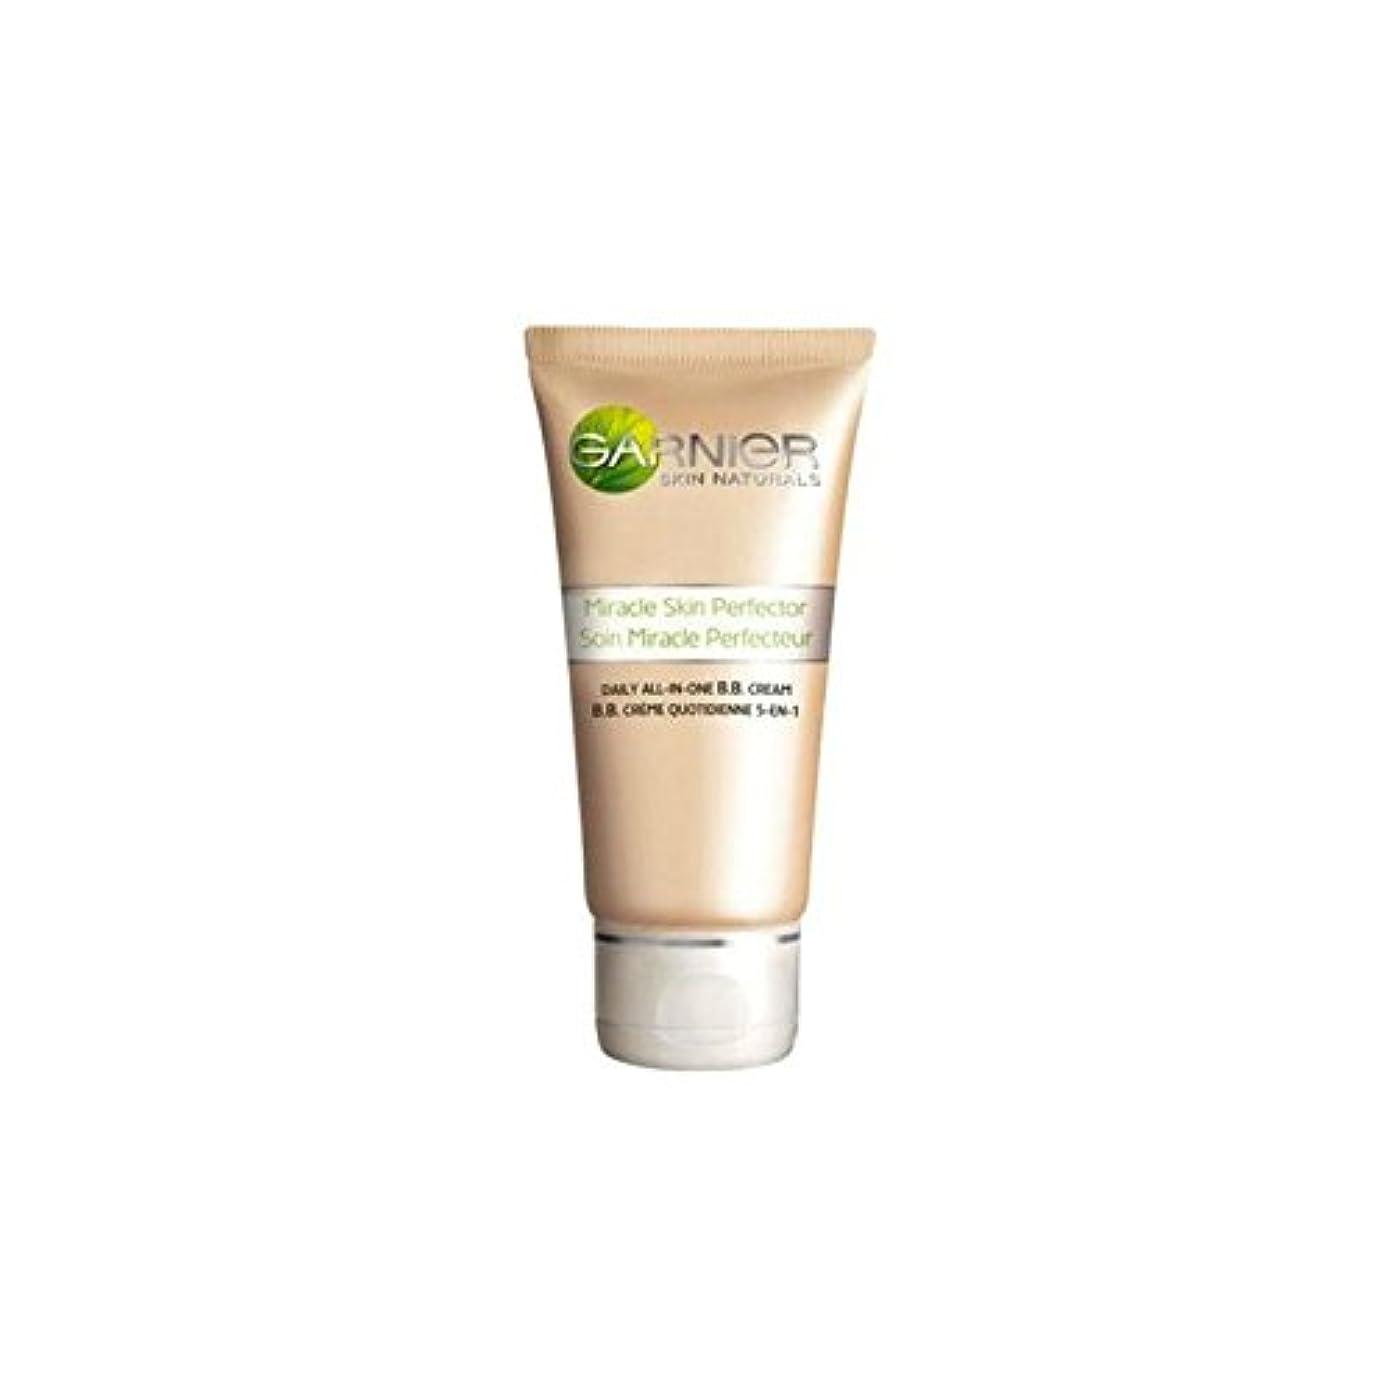 飼い慣らす振りかける結紮Garnier Original Medium Bb Cream (50ml) (Pack of 6) - ガルニエオリジナル媒体クリーム(50)中 x6 [並行輸入品]